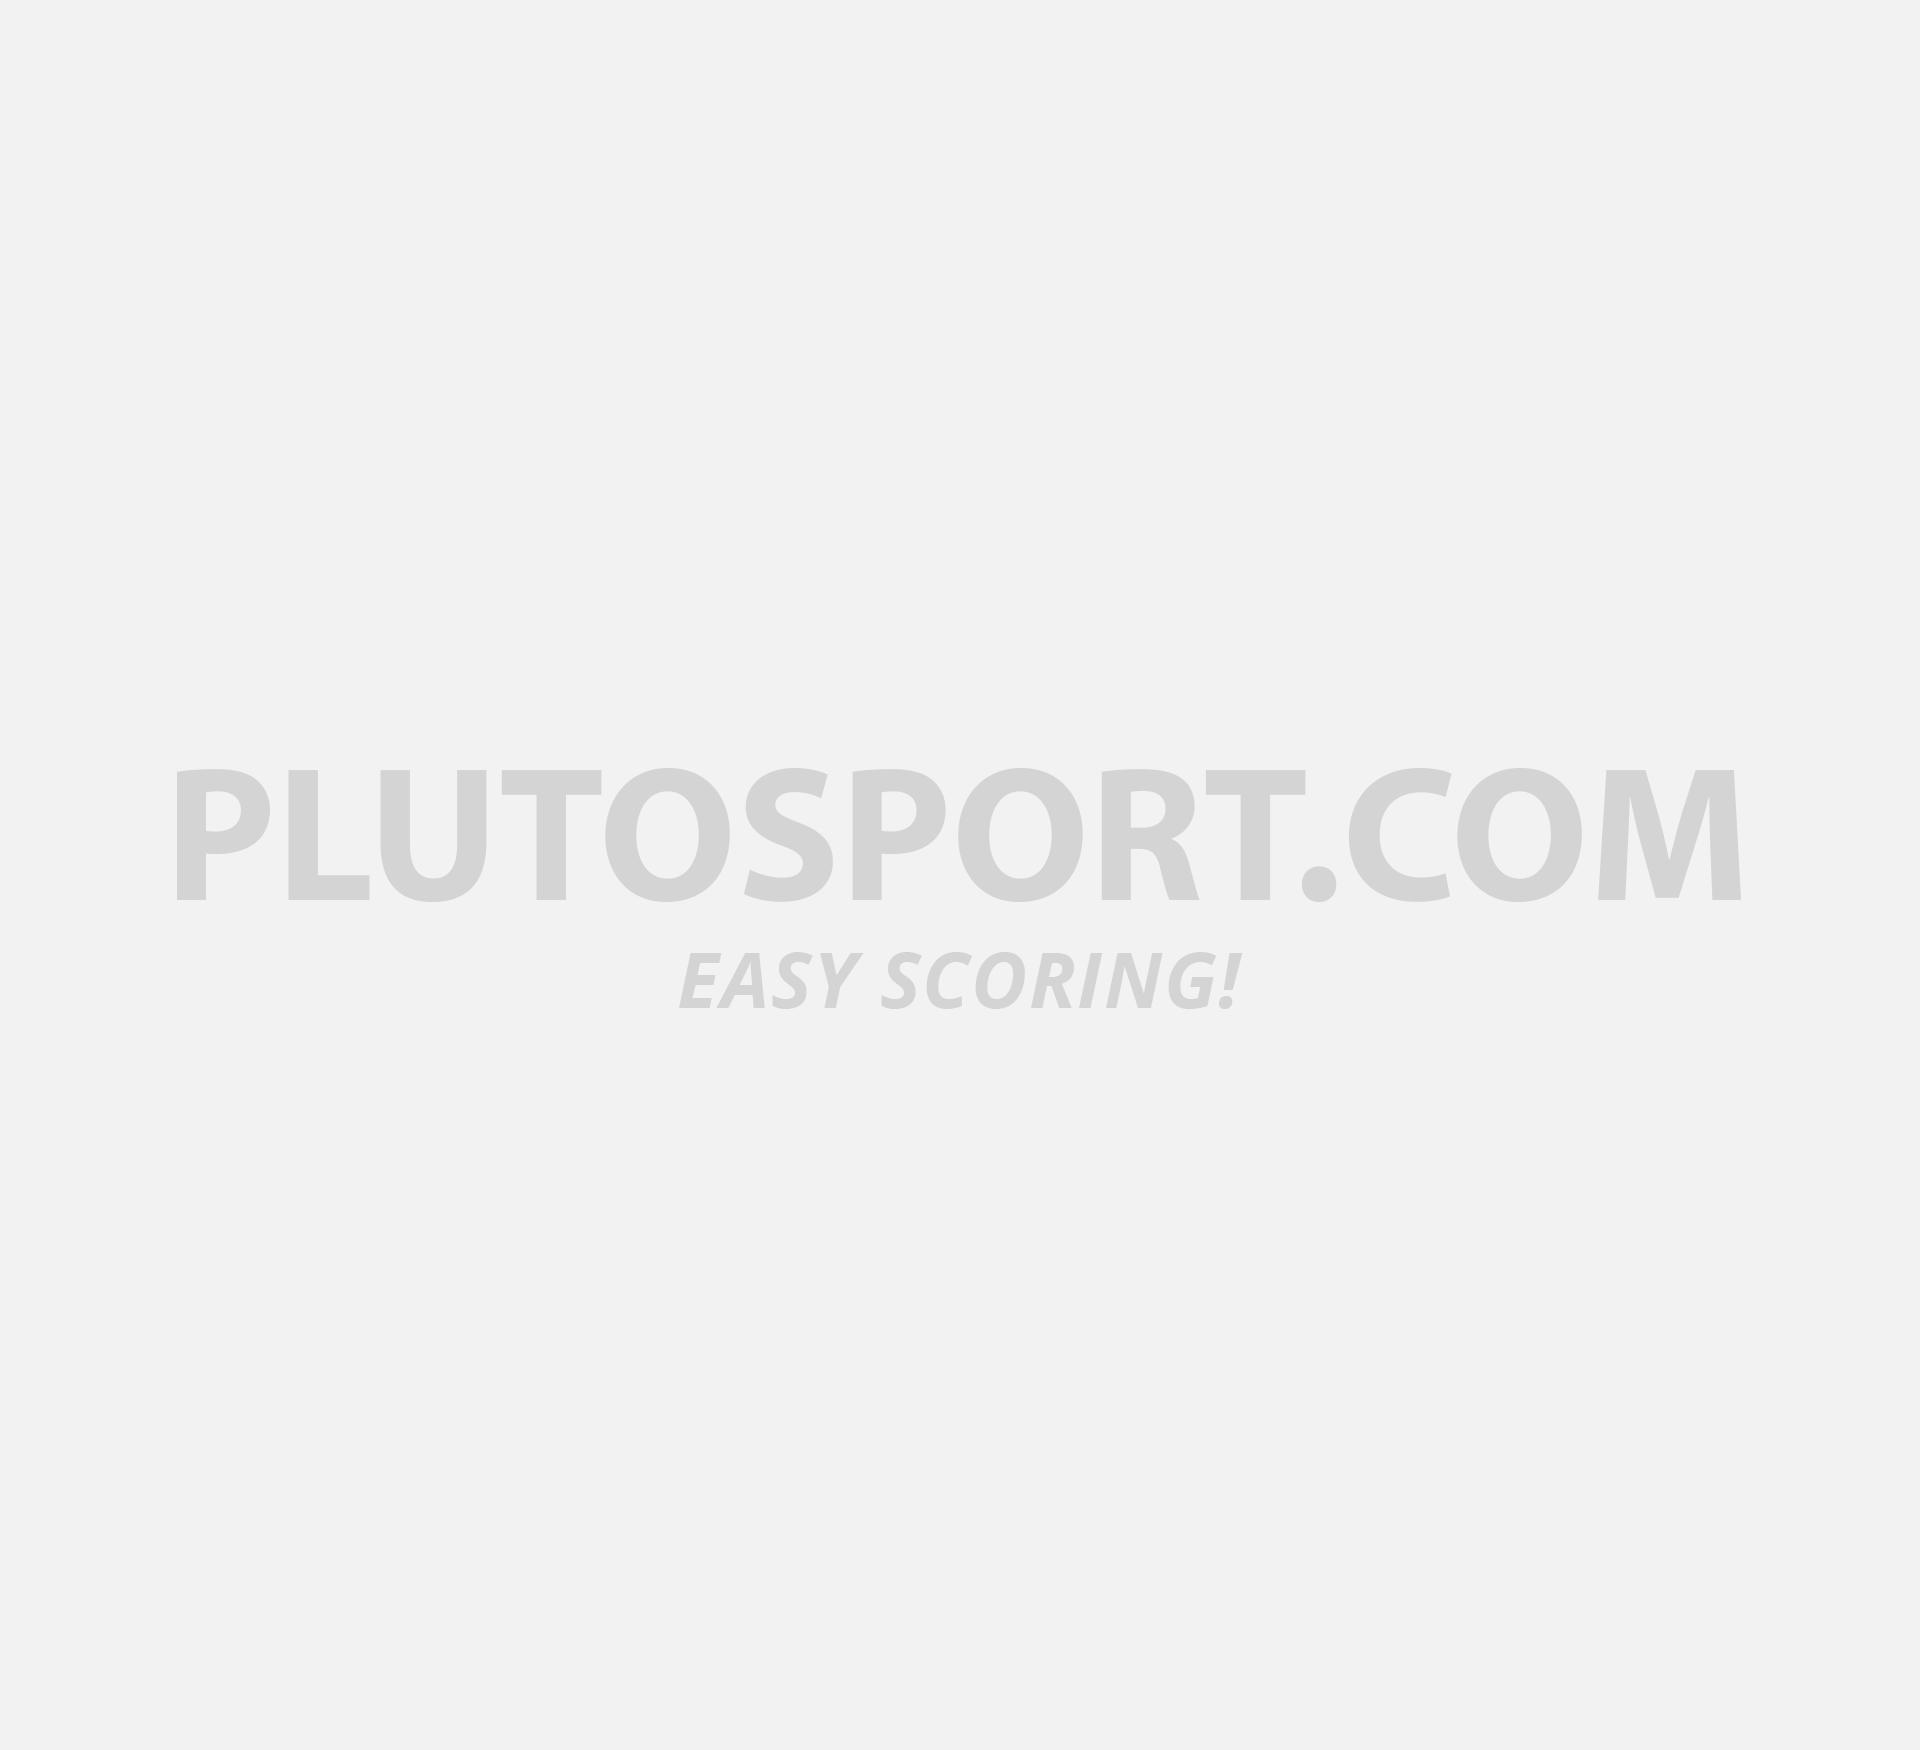 Síntomas Varios tos  Acquisti Online 2 Sconti su Qualsiasi Caso puma king hg E OTTIENI IL 70% DI  SCONTO!